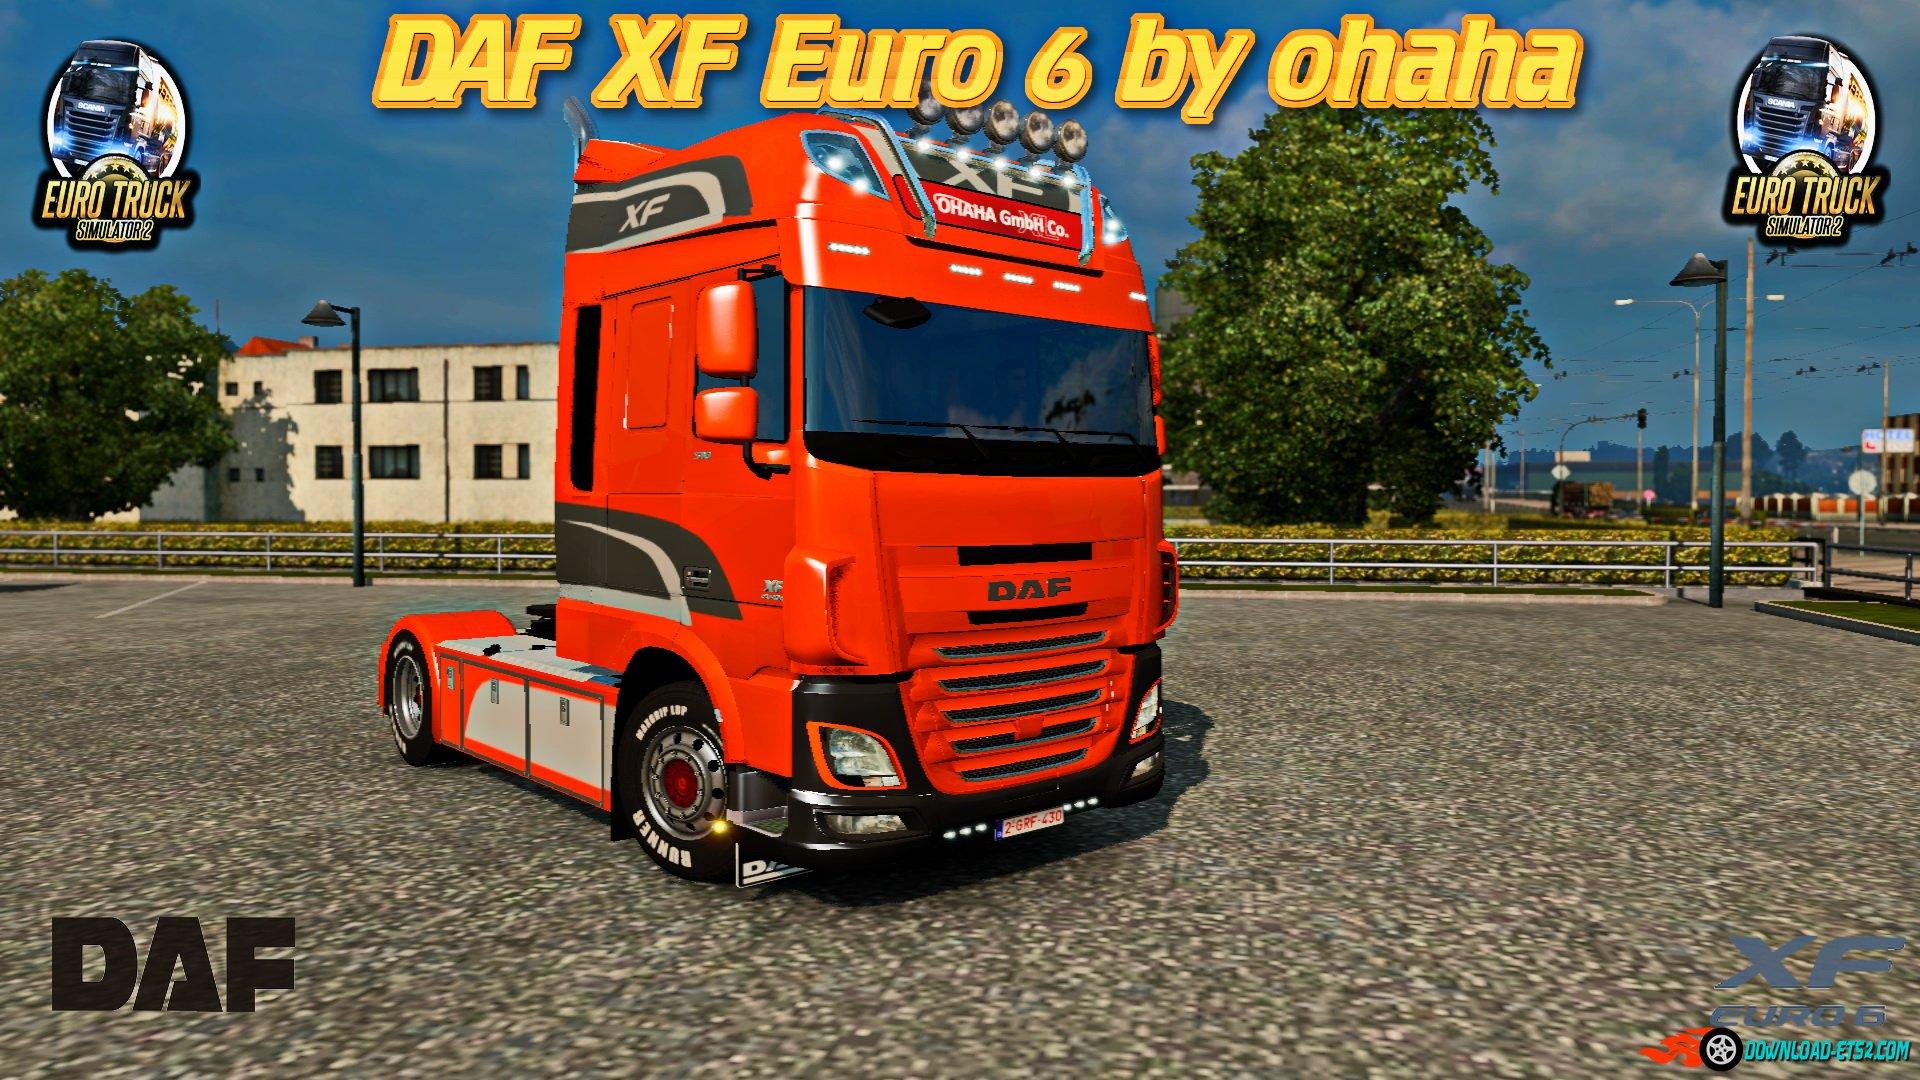 DAF XF Euro6  v1.46 by ohaha [1.22.x]